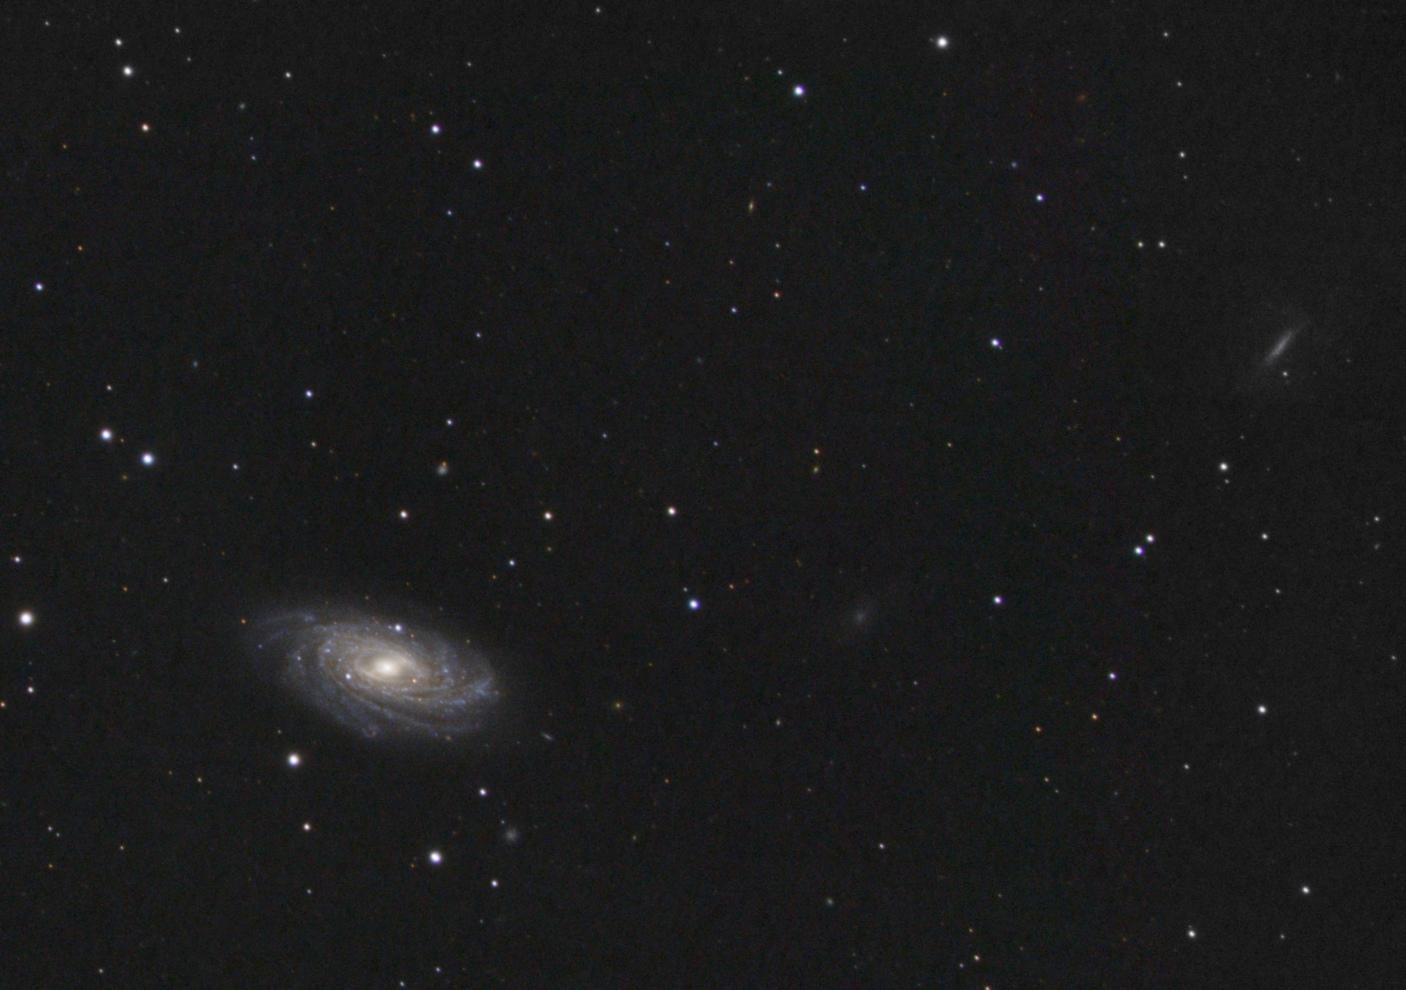 NGC3953_2.jpg.a6d4011db01904750d778838bf02915c.jpg